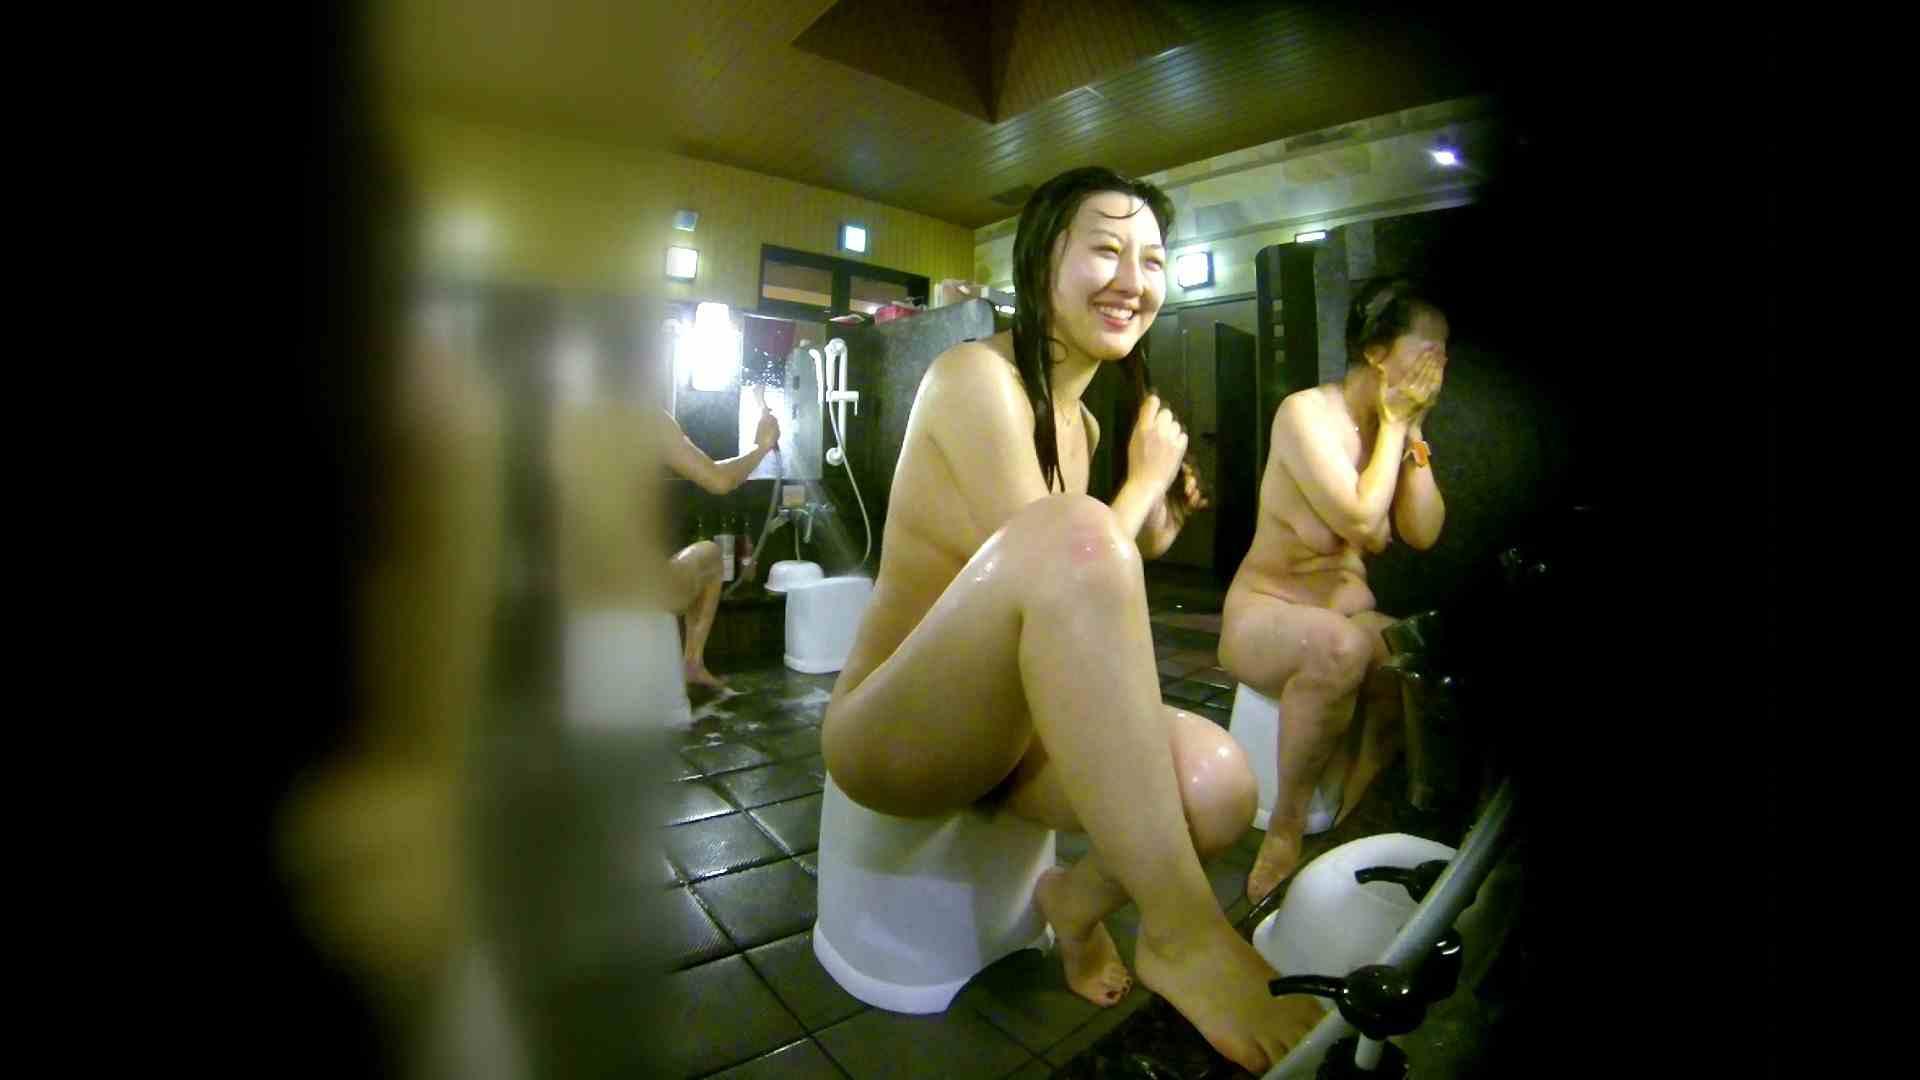 洗い場!右足の位置がいいですね。陰毛もっさり! 女湯 ワレメ無修正動画無料 111画像 41